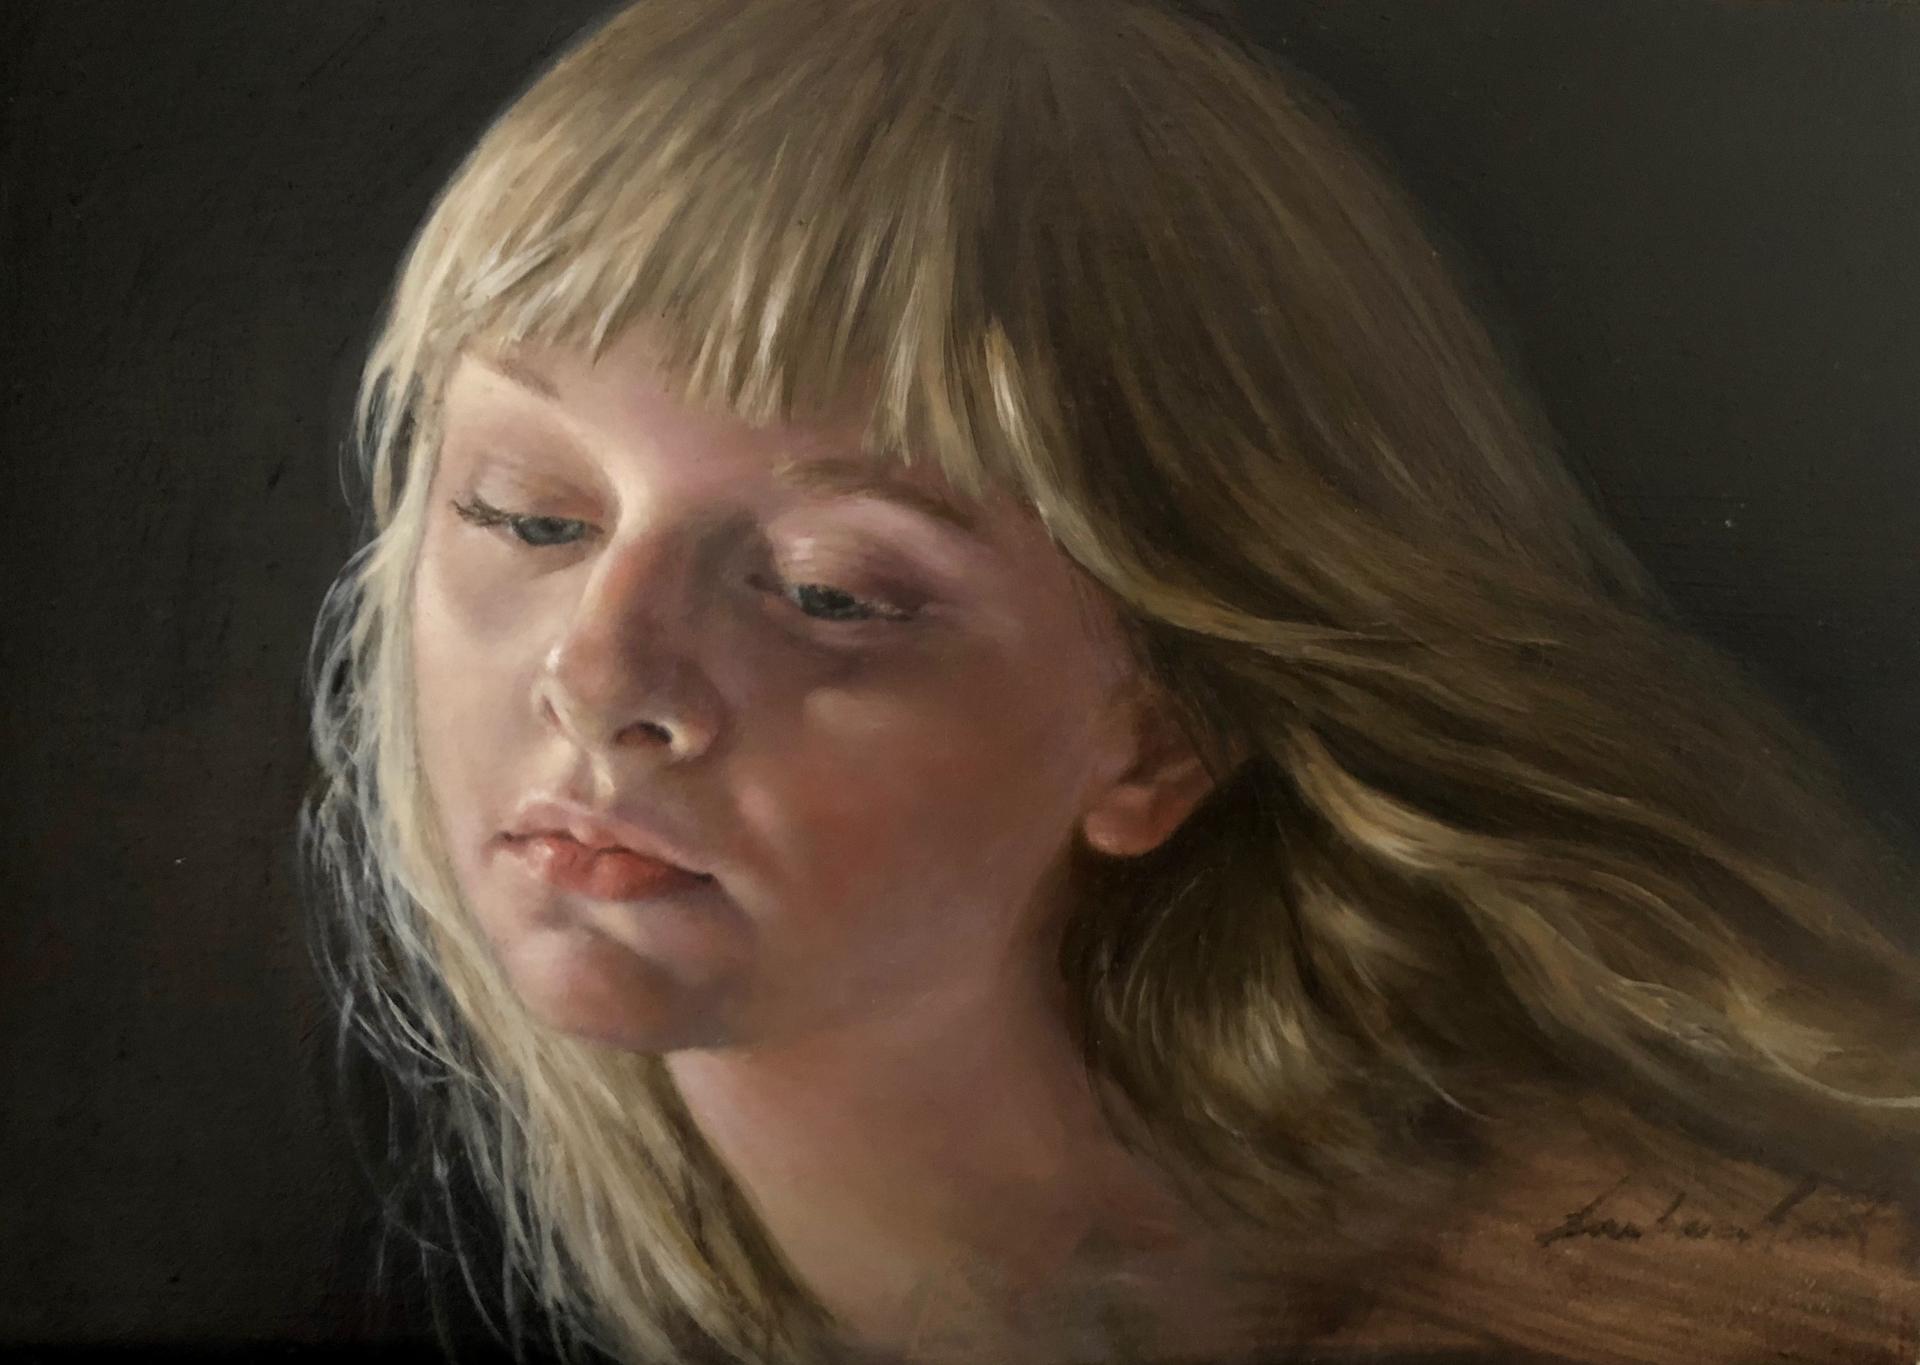 Katherine by Barbara Hack